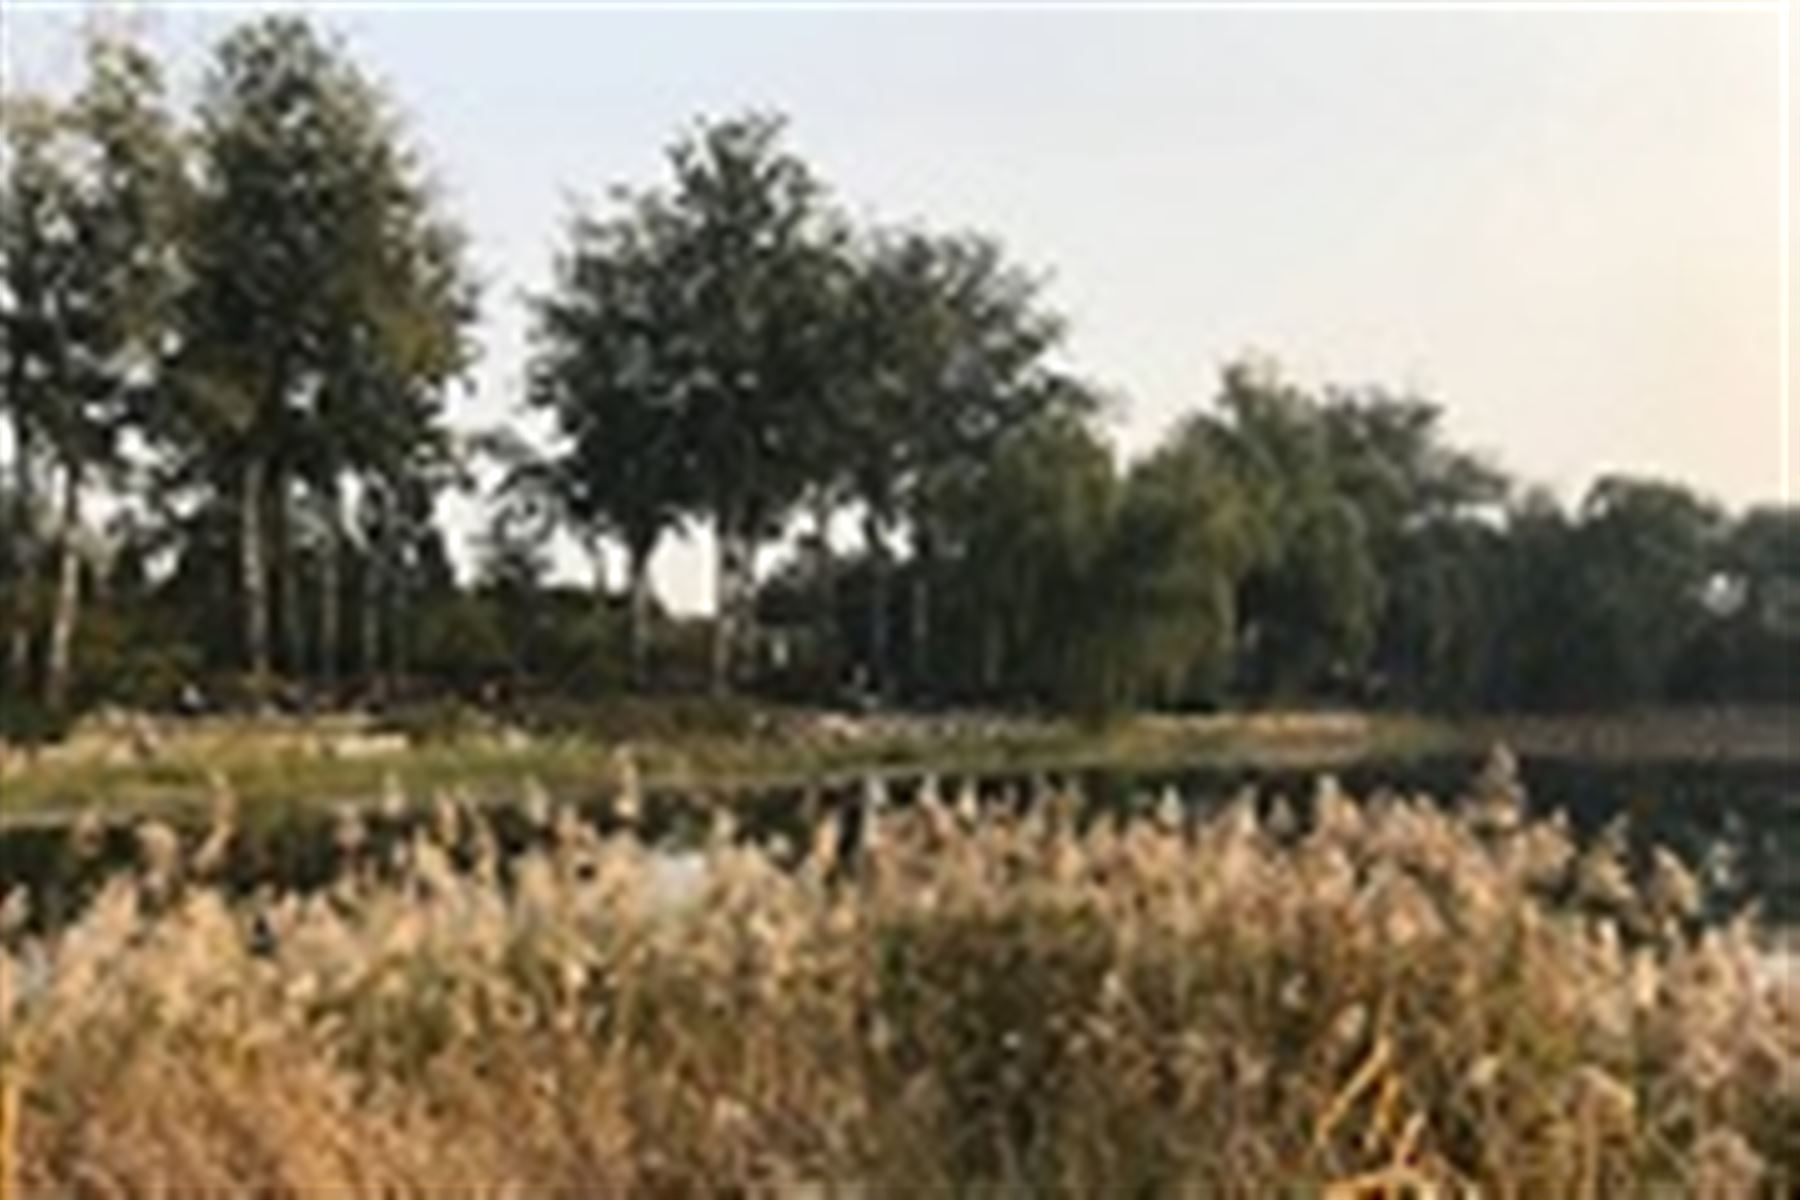 保護自然環境 科學儀器助力建設綠色中國